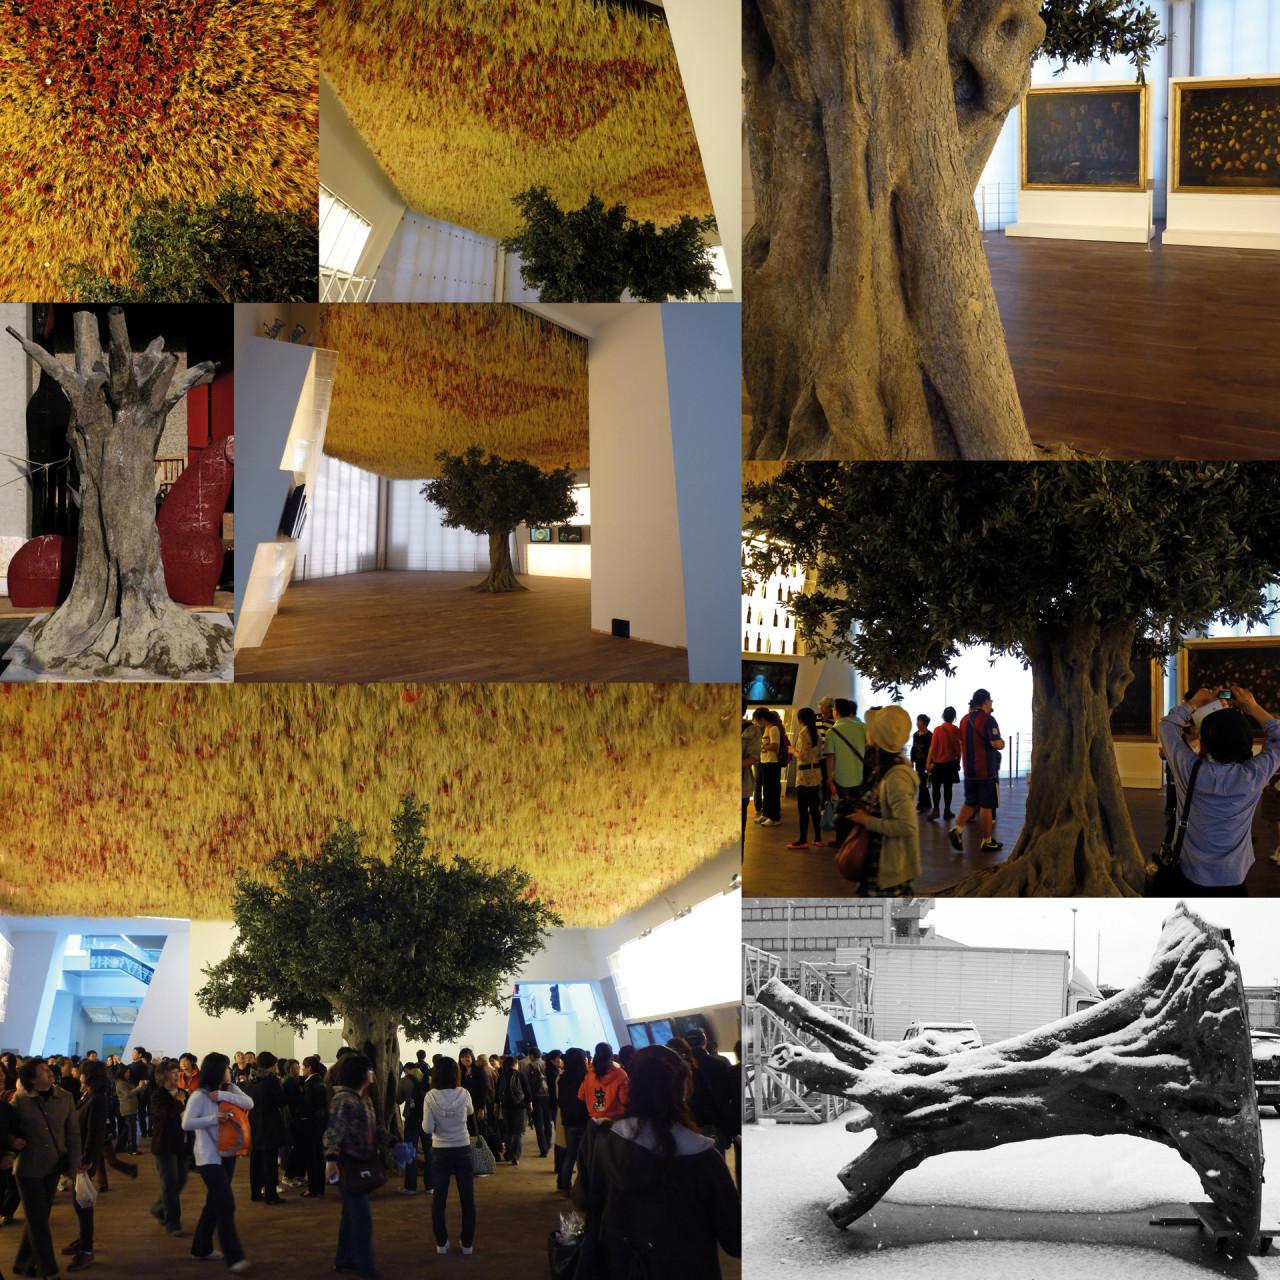 EXPO Shanghai 2010